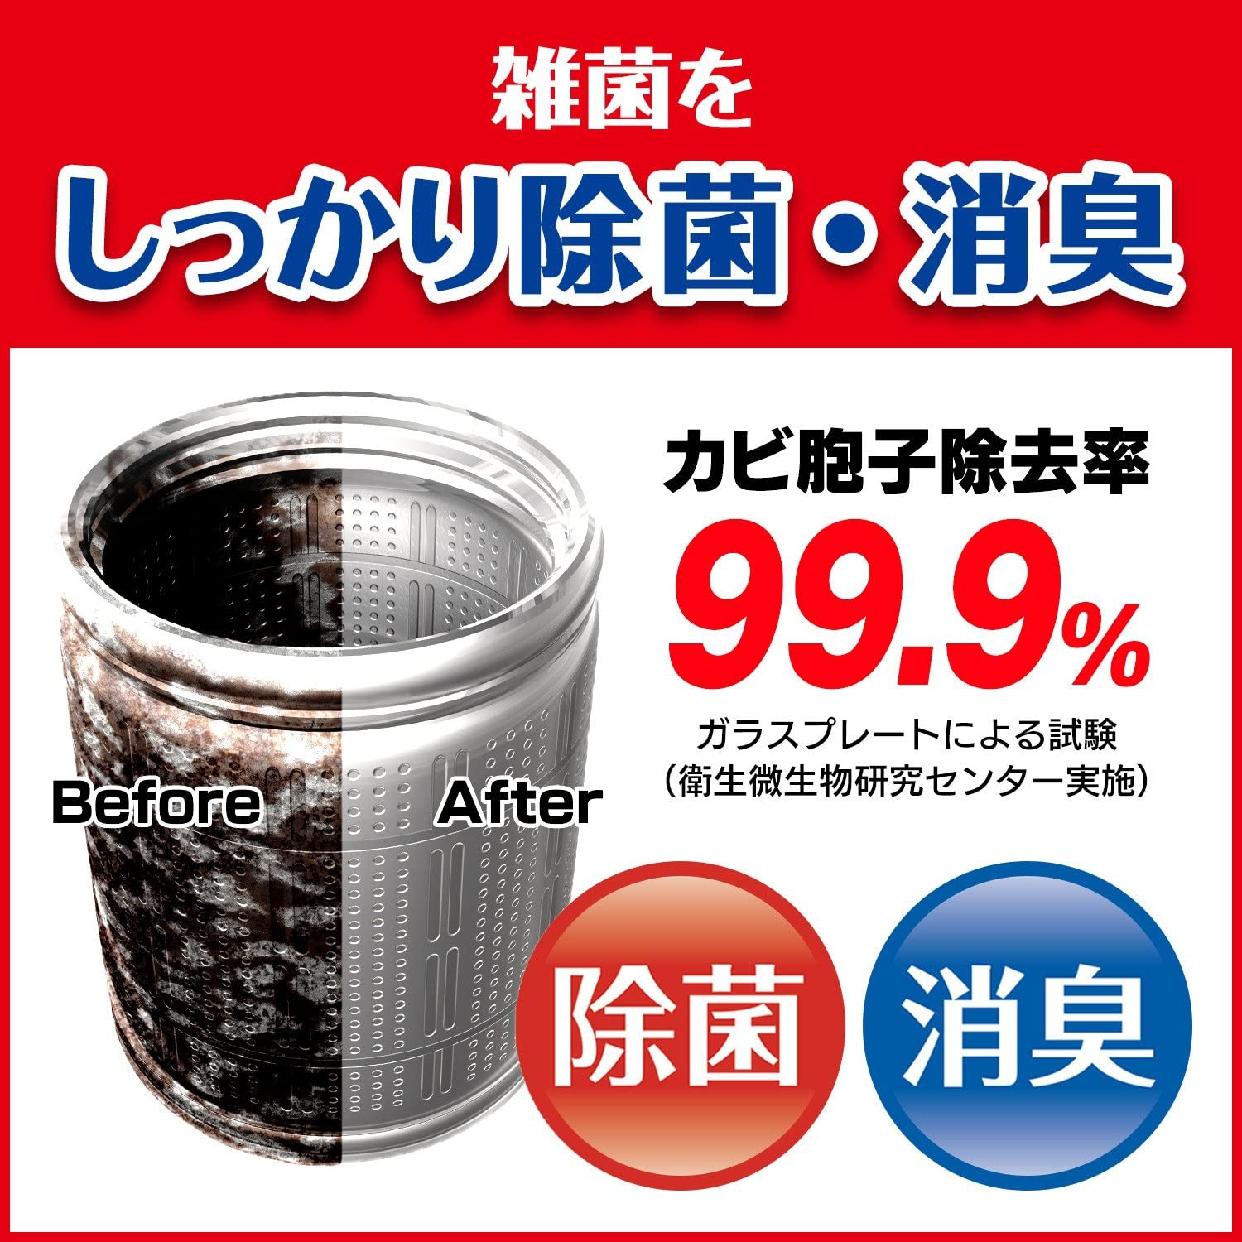 カビキラー アクティブ酸素で落とす 洗たく槽カビキラー (非塩素系)の商品画像4